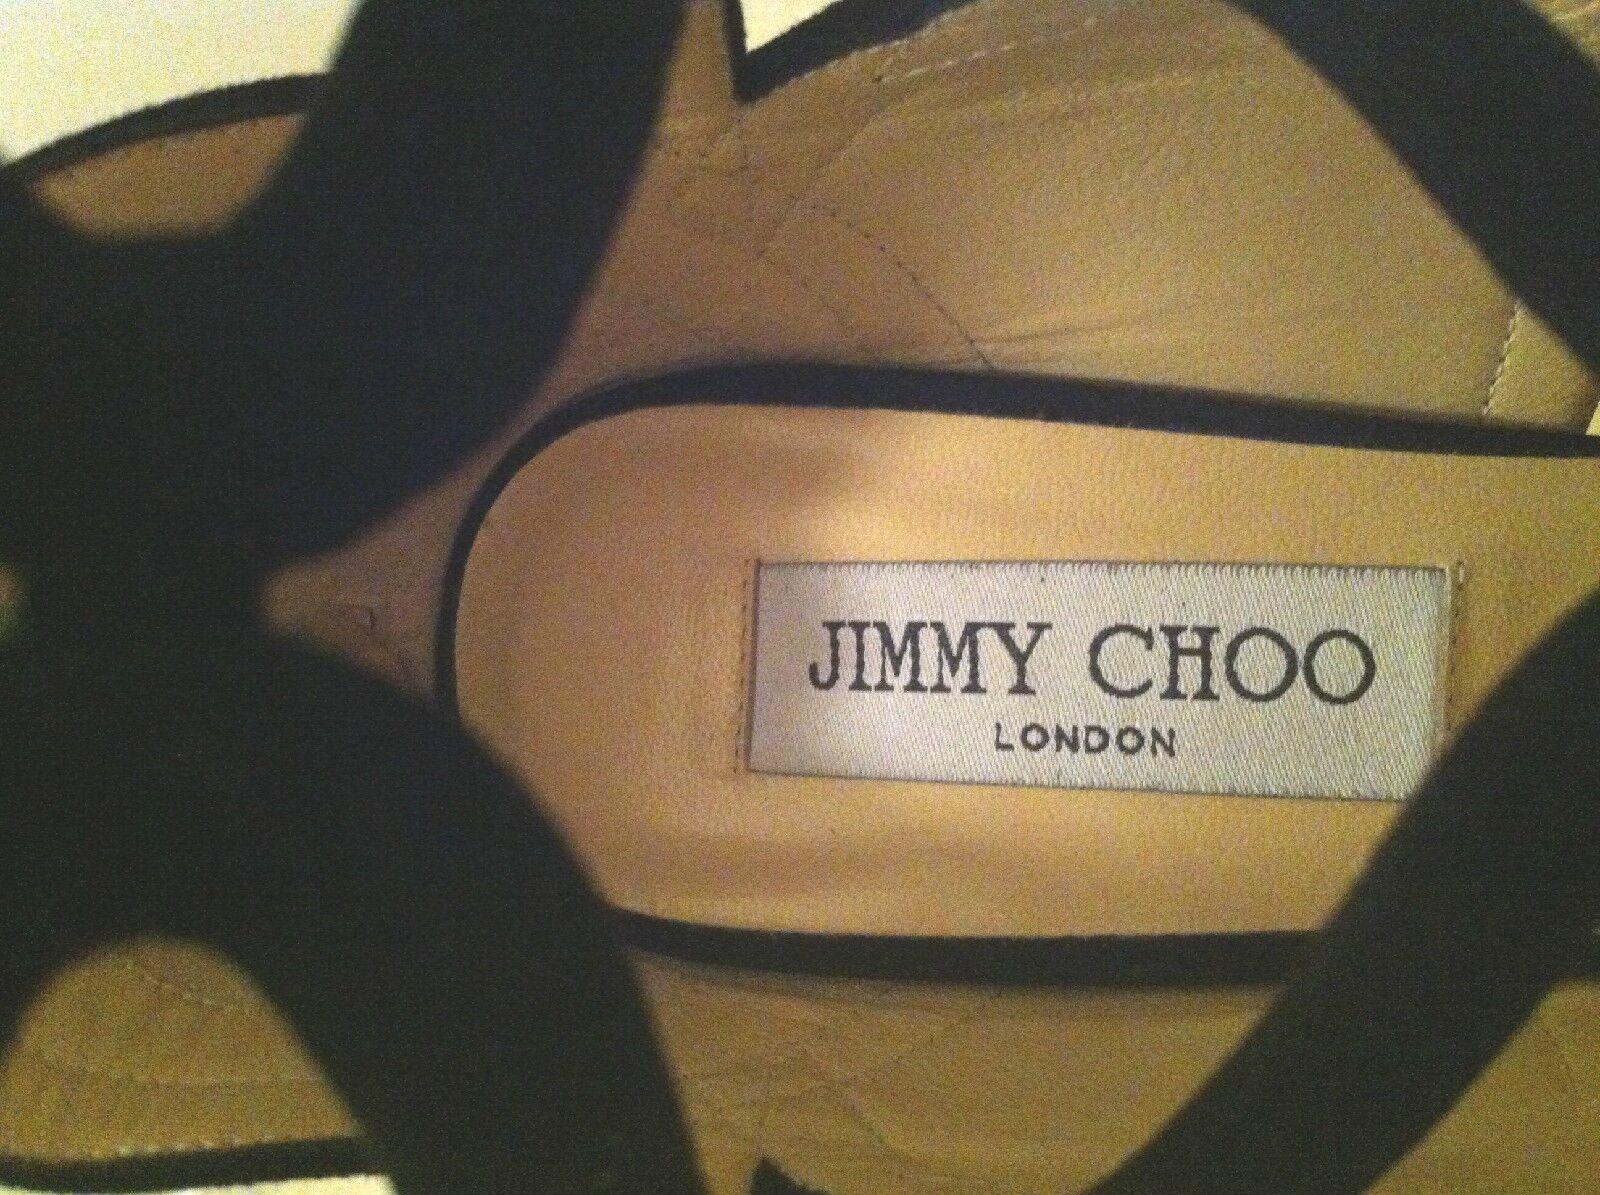 JIMMY CHOO DESIGNER WOMEN'S SILVER SILVER SILVER SEQUIN PEEP TOE PUMP HEEL SIZE 36.5 (US 6.5) c53d6e